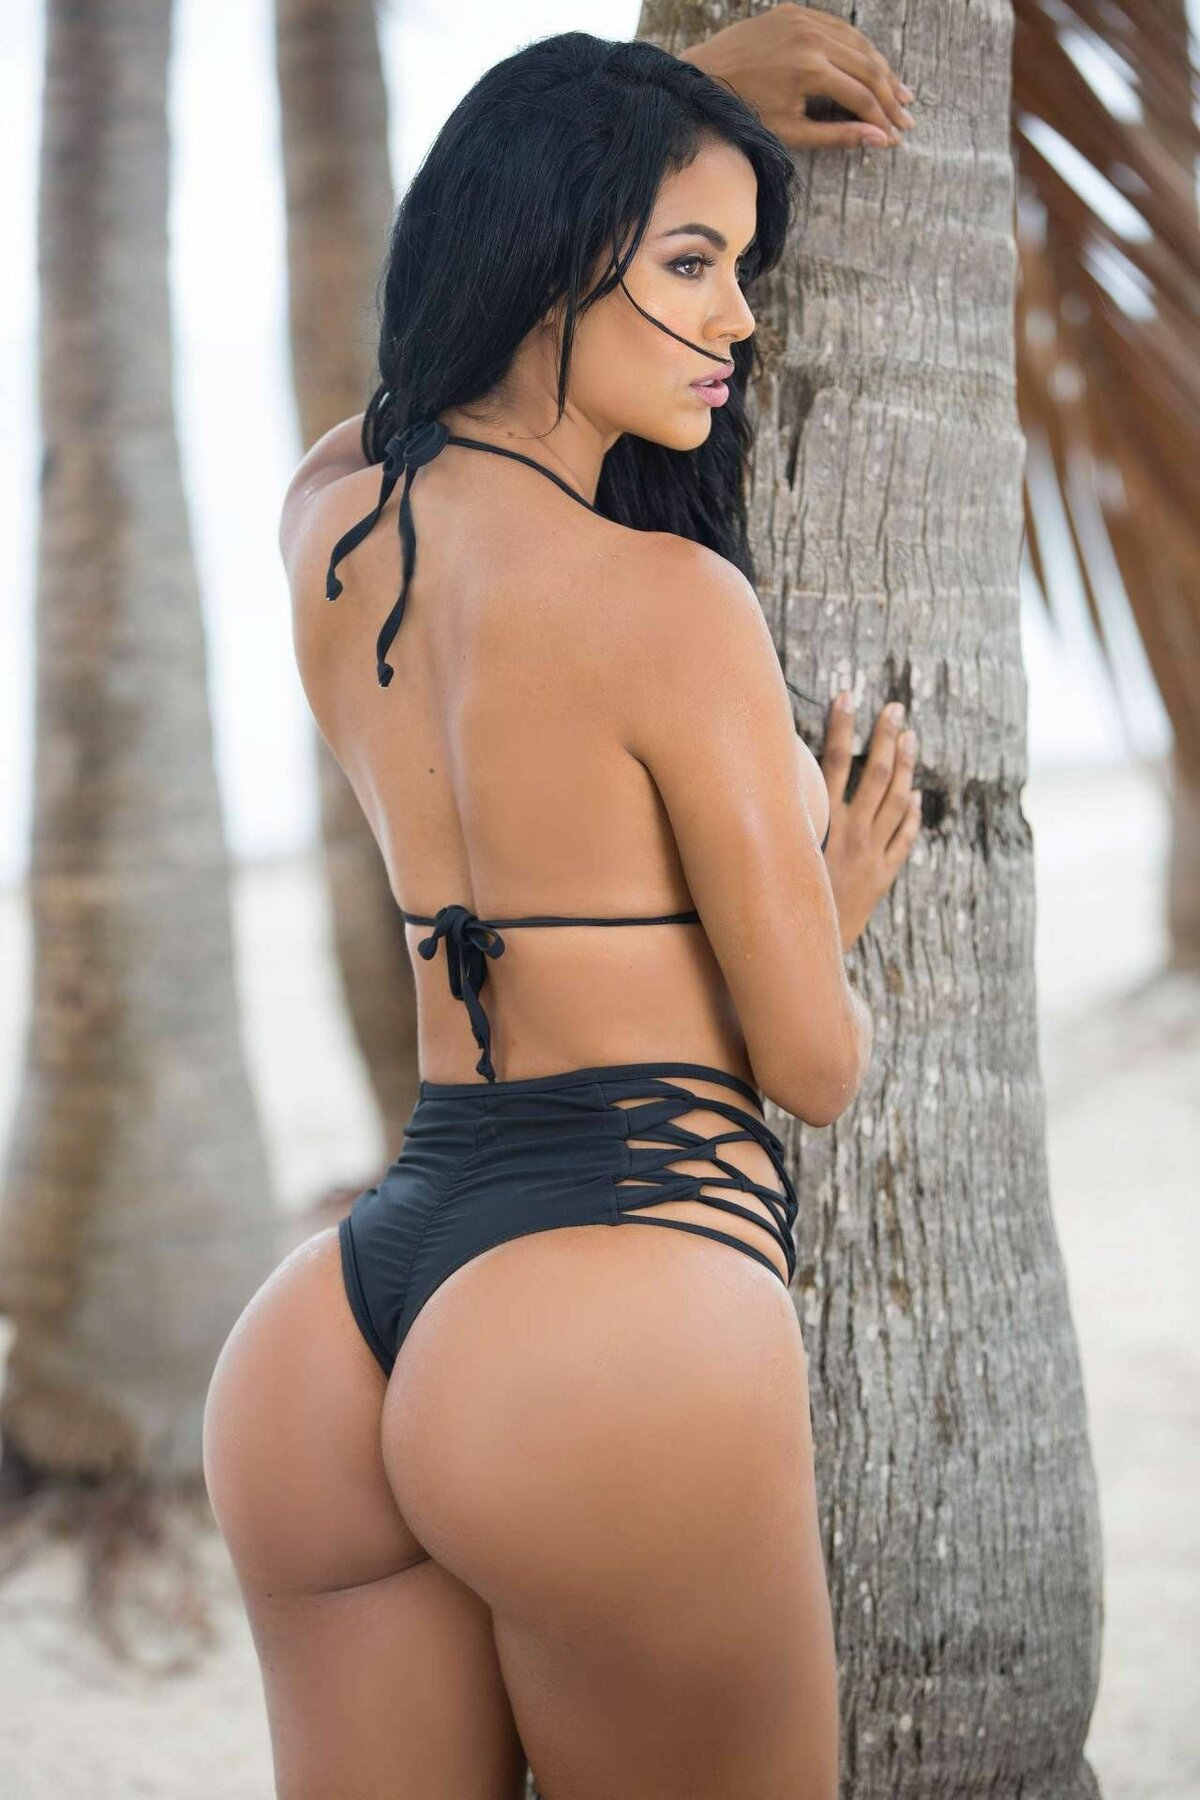 красивые бразильские девушки секси зачем